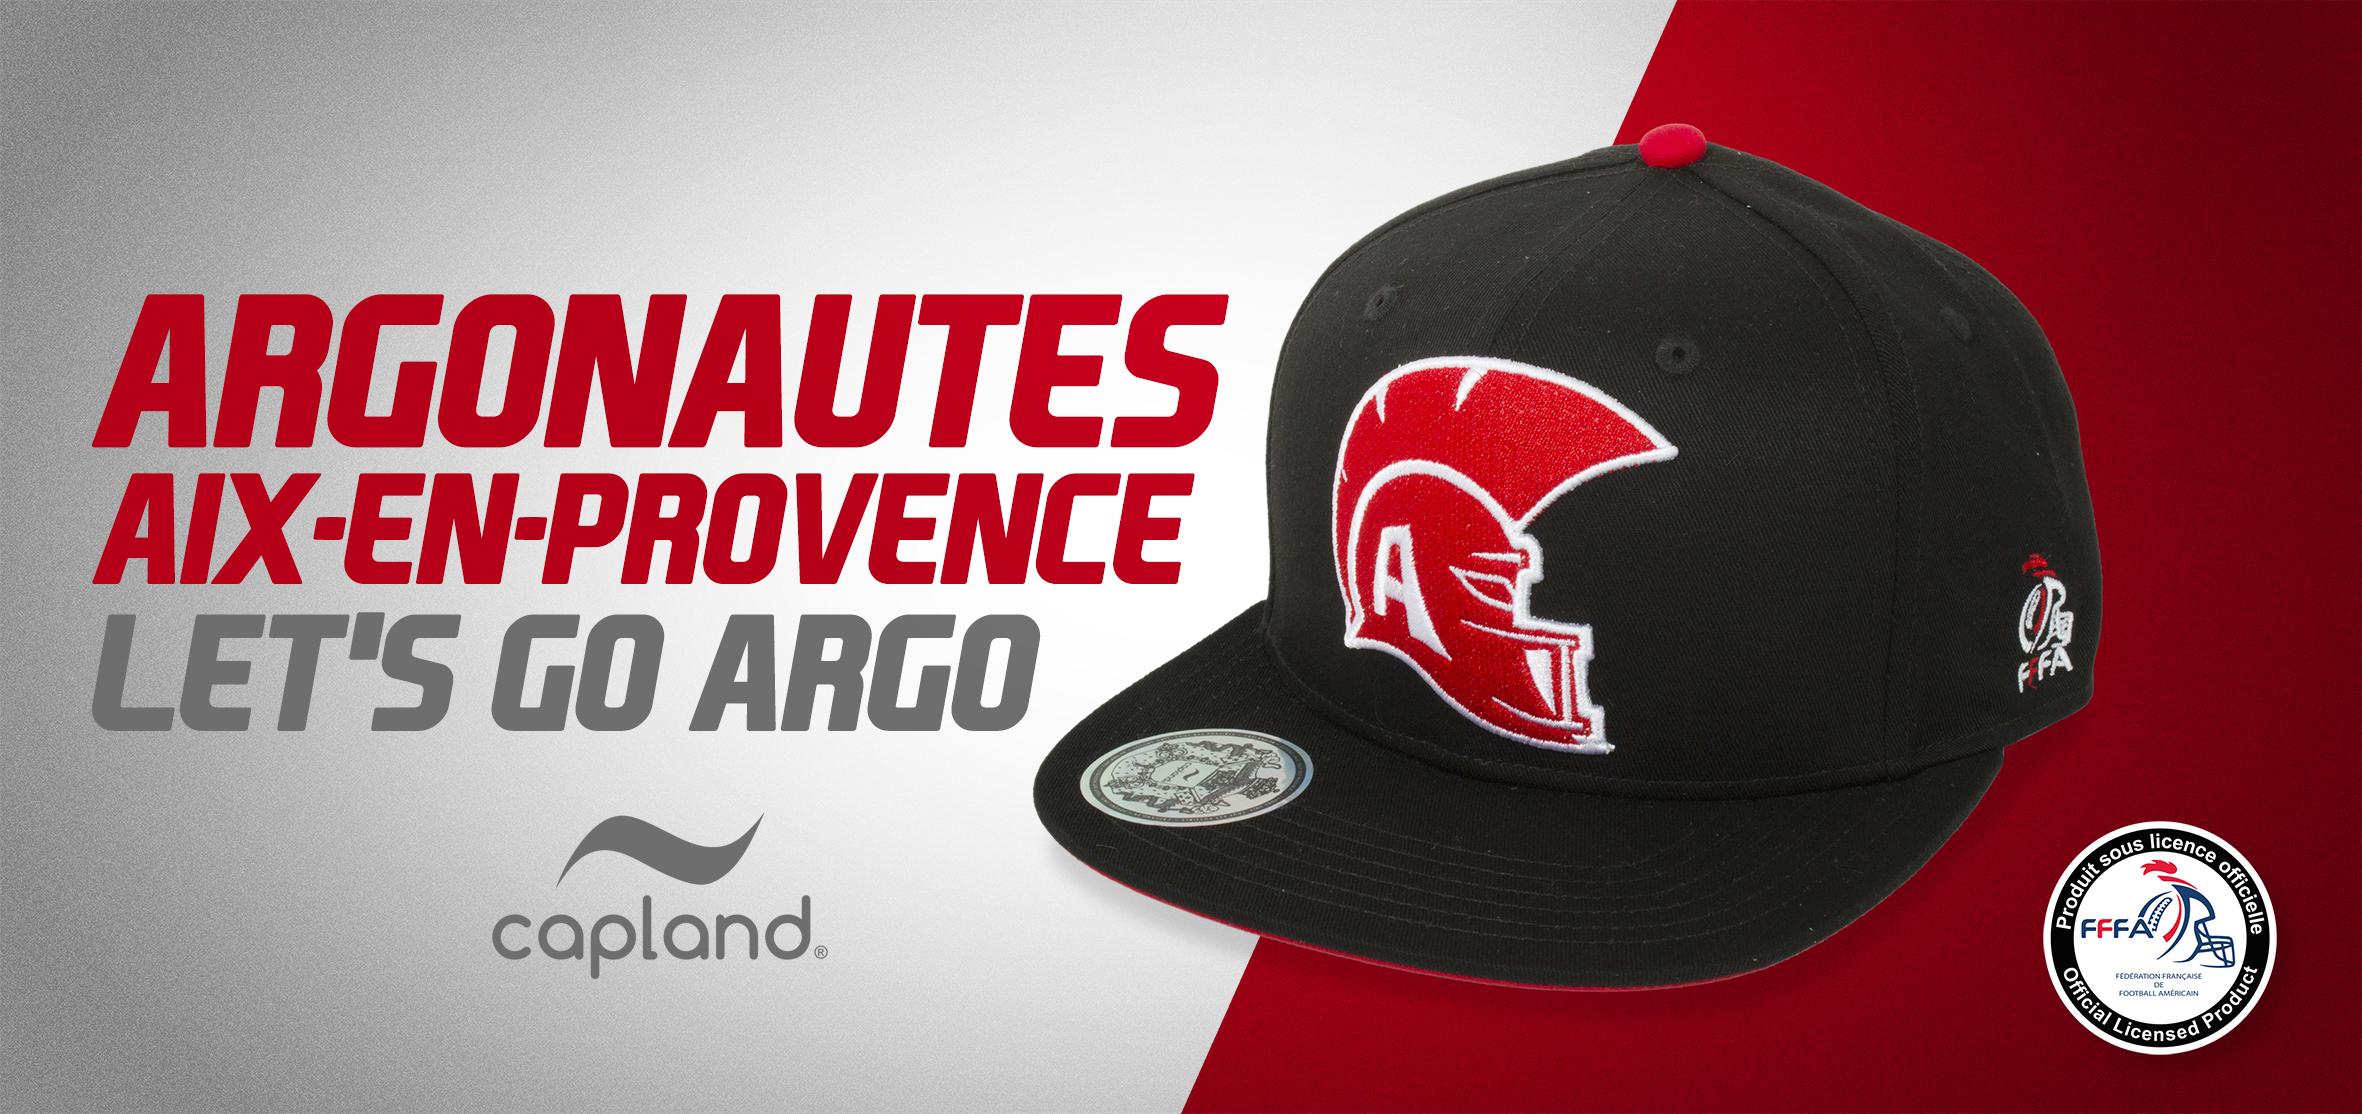 ARGONAUTES -AIX-EN-PROVENCE